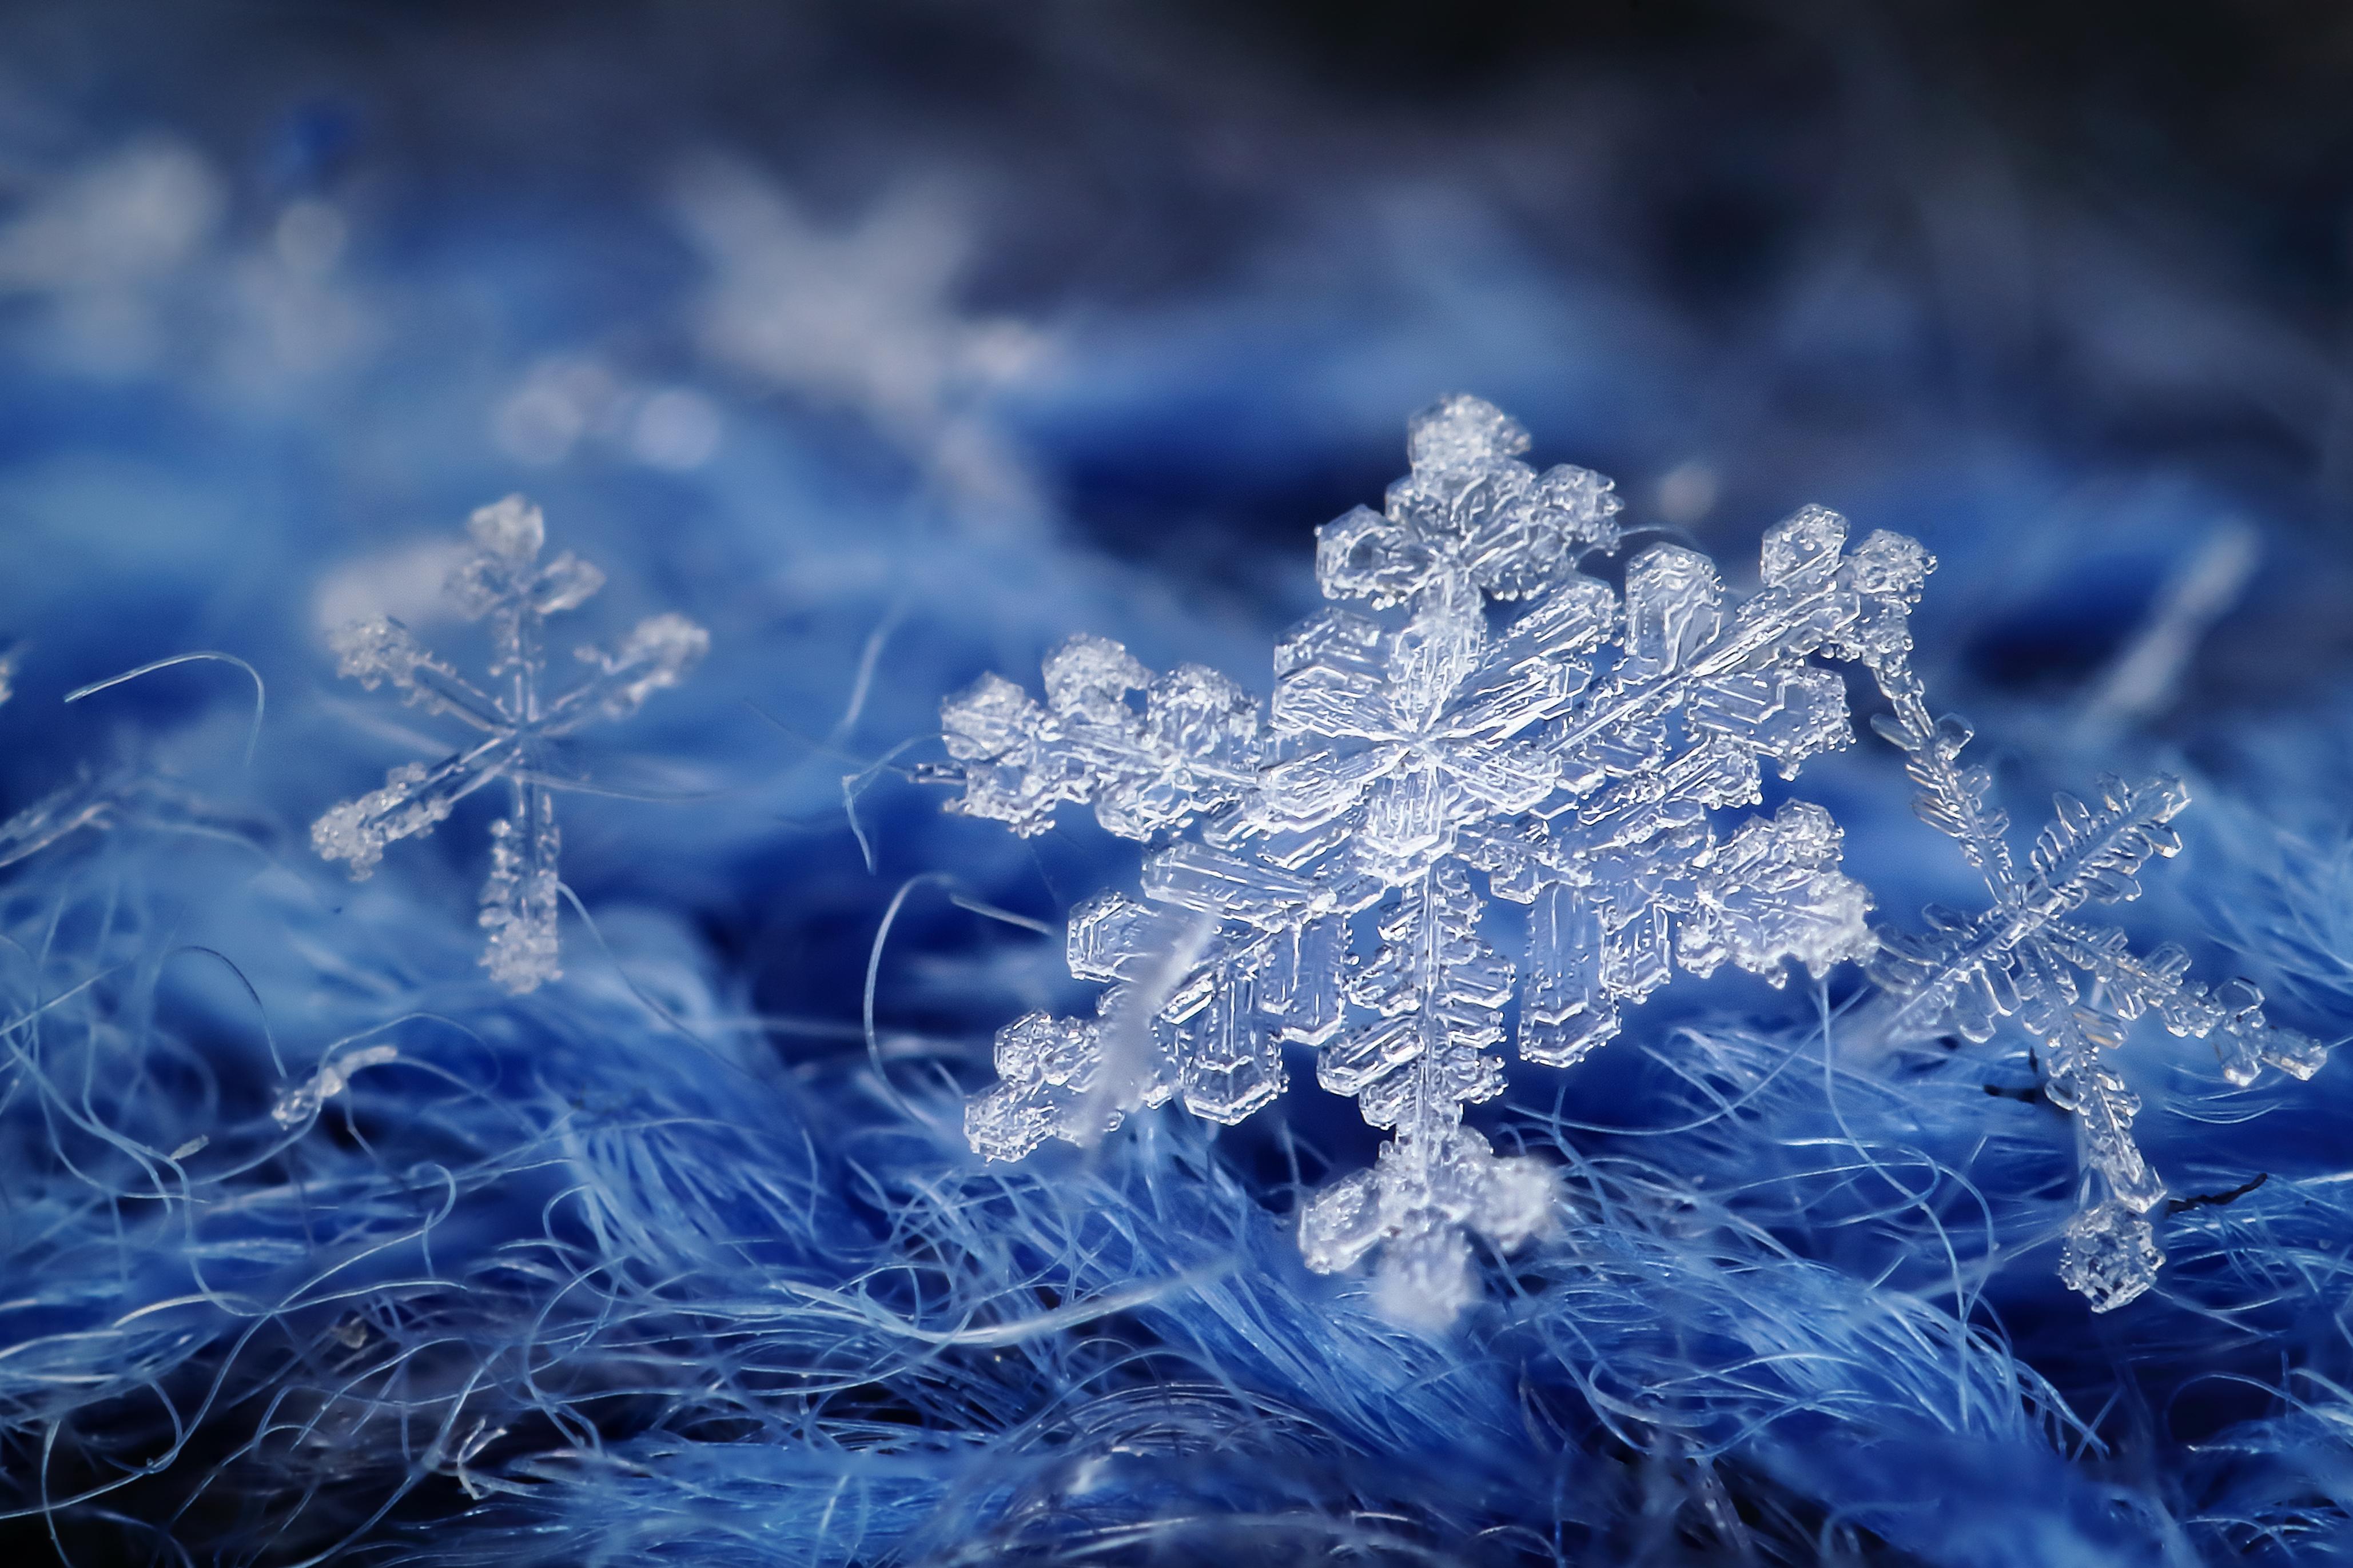 станет просто красивые картинки хорошего качества про снег любимый